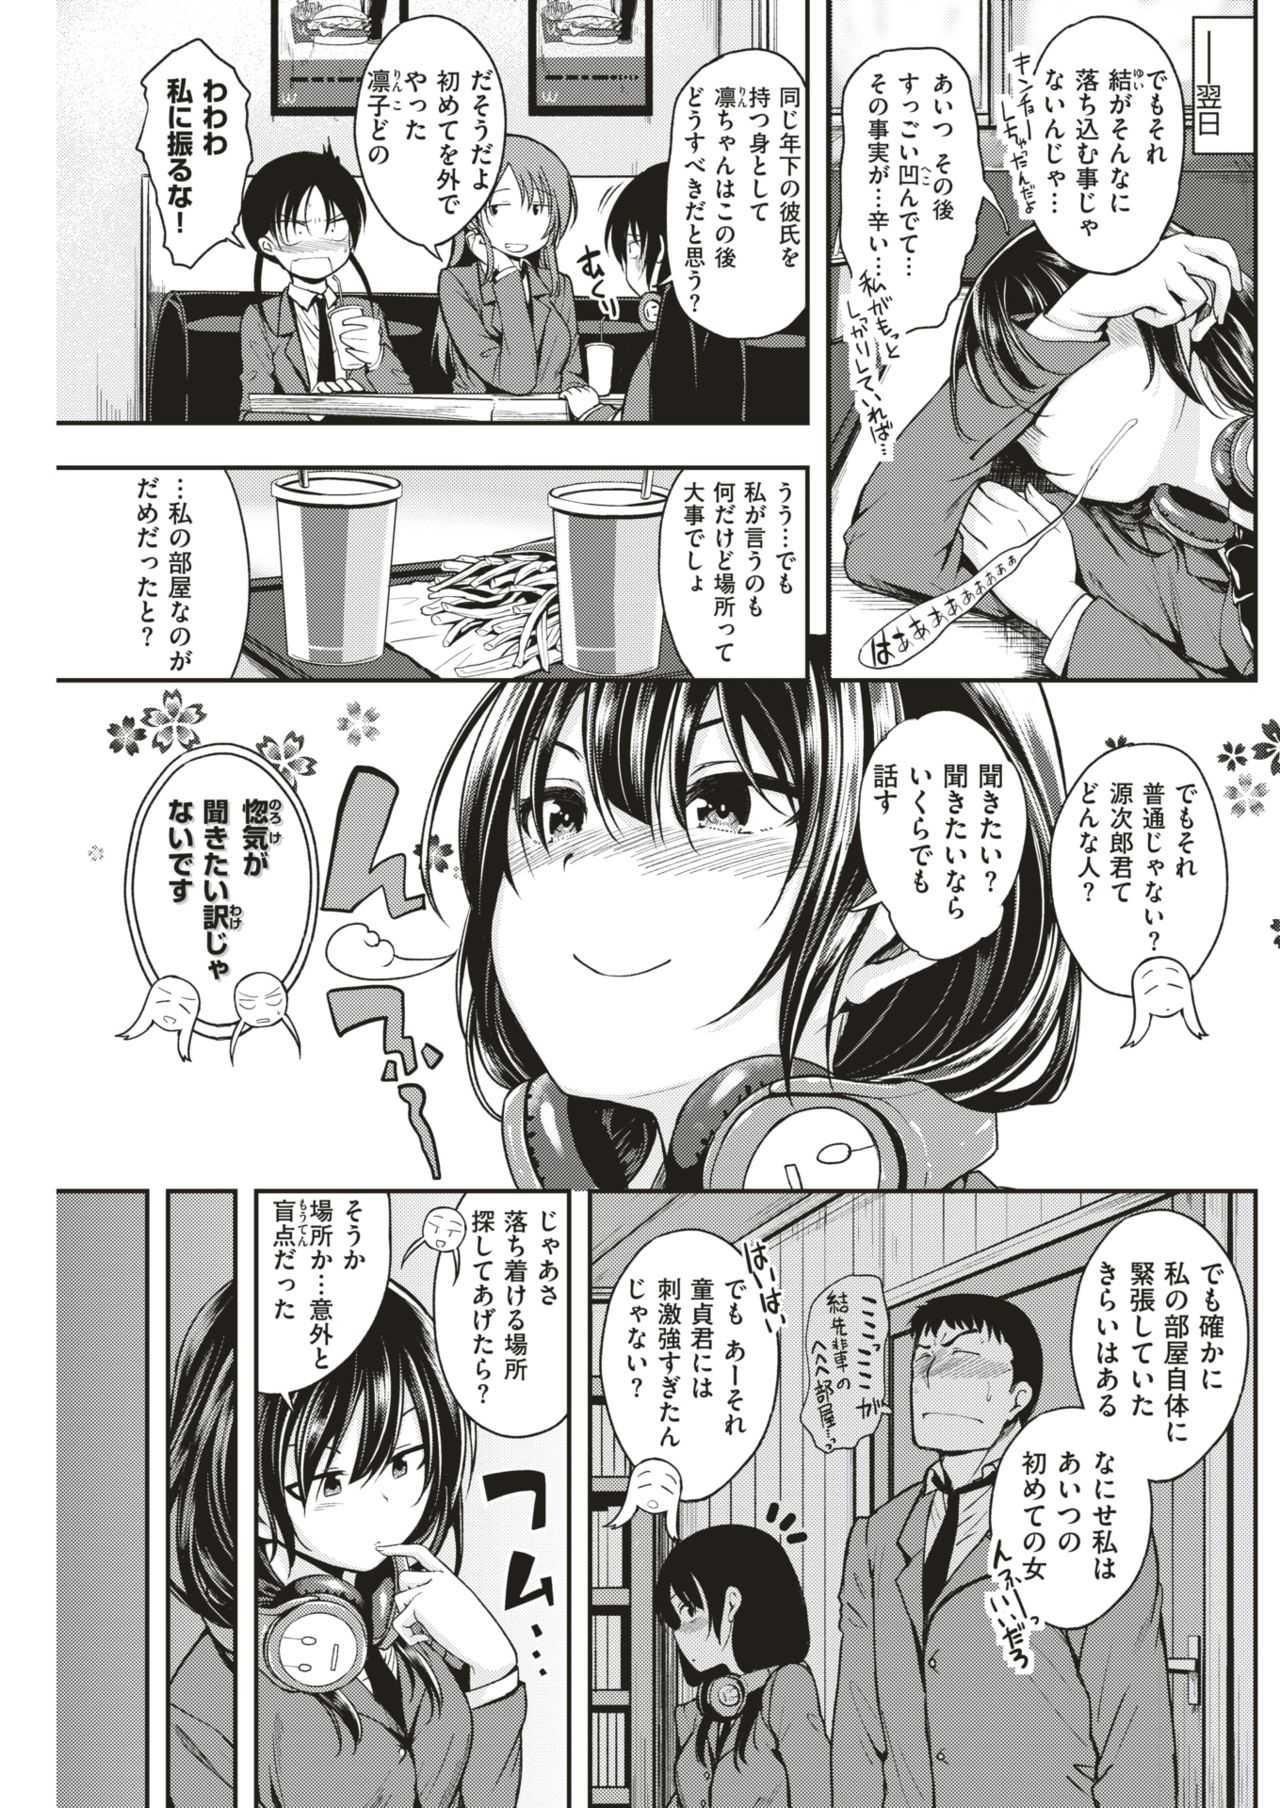 【エロ漫画】初セックスに失敗してしまった学生カップルが部室でリベンジwww